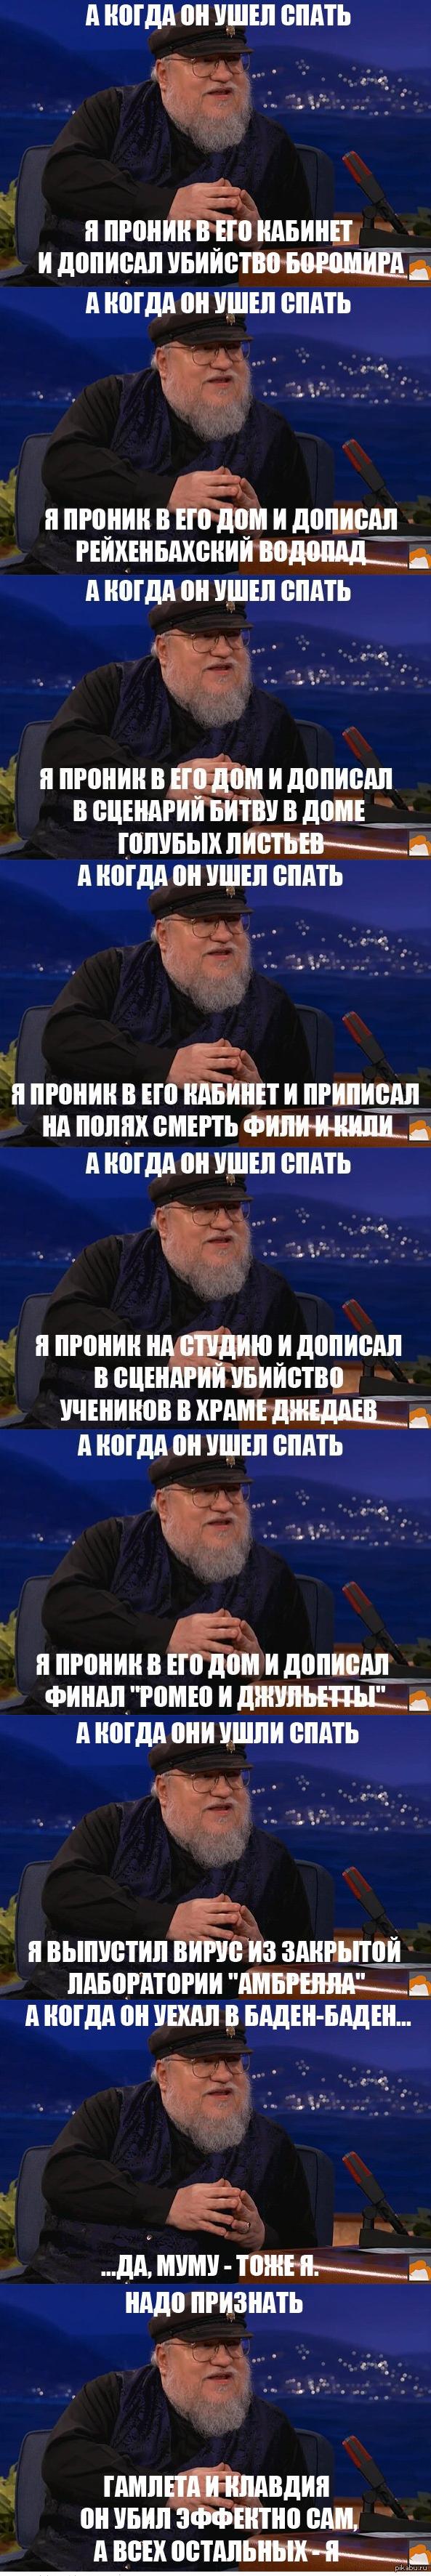 http://s.pikabu.ru/post_img/2013/08/29/1/1377725712_145148621.png